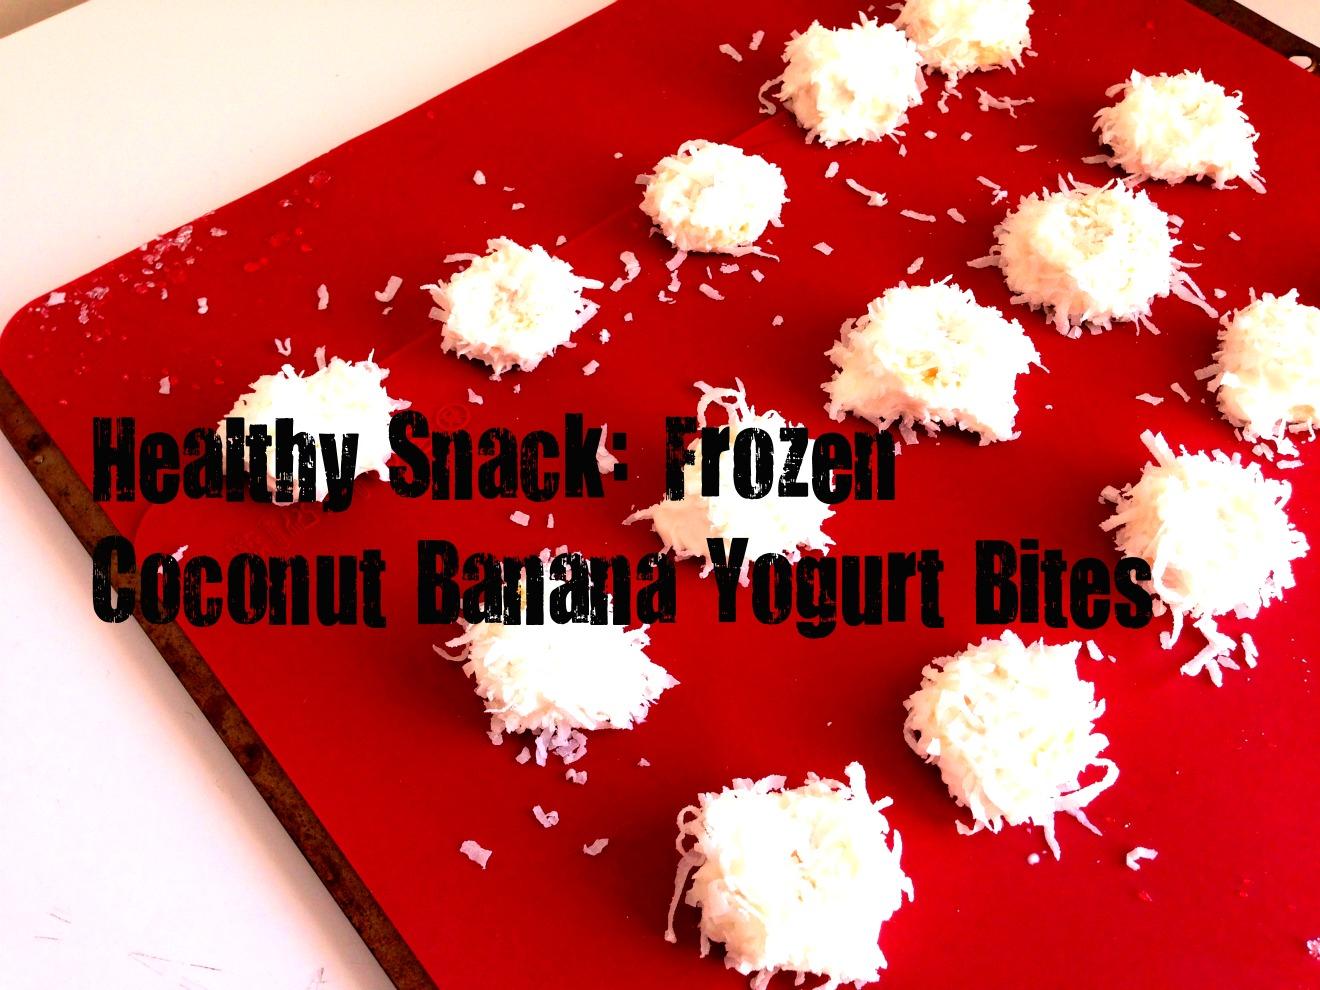 Healthy Snack: Frozen Coconut Banana Yogurt Bites